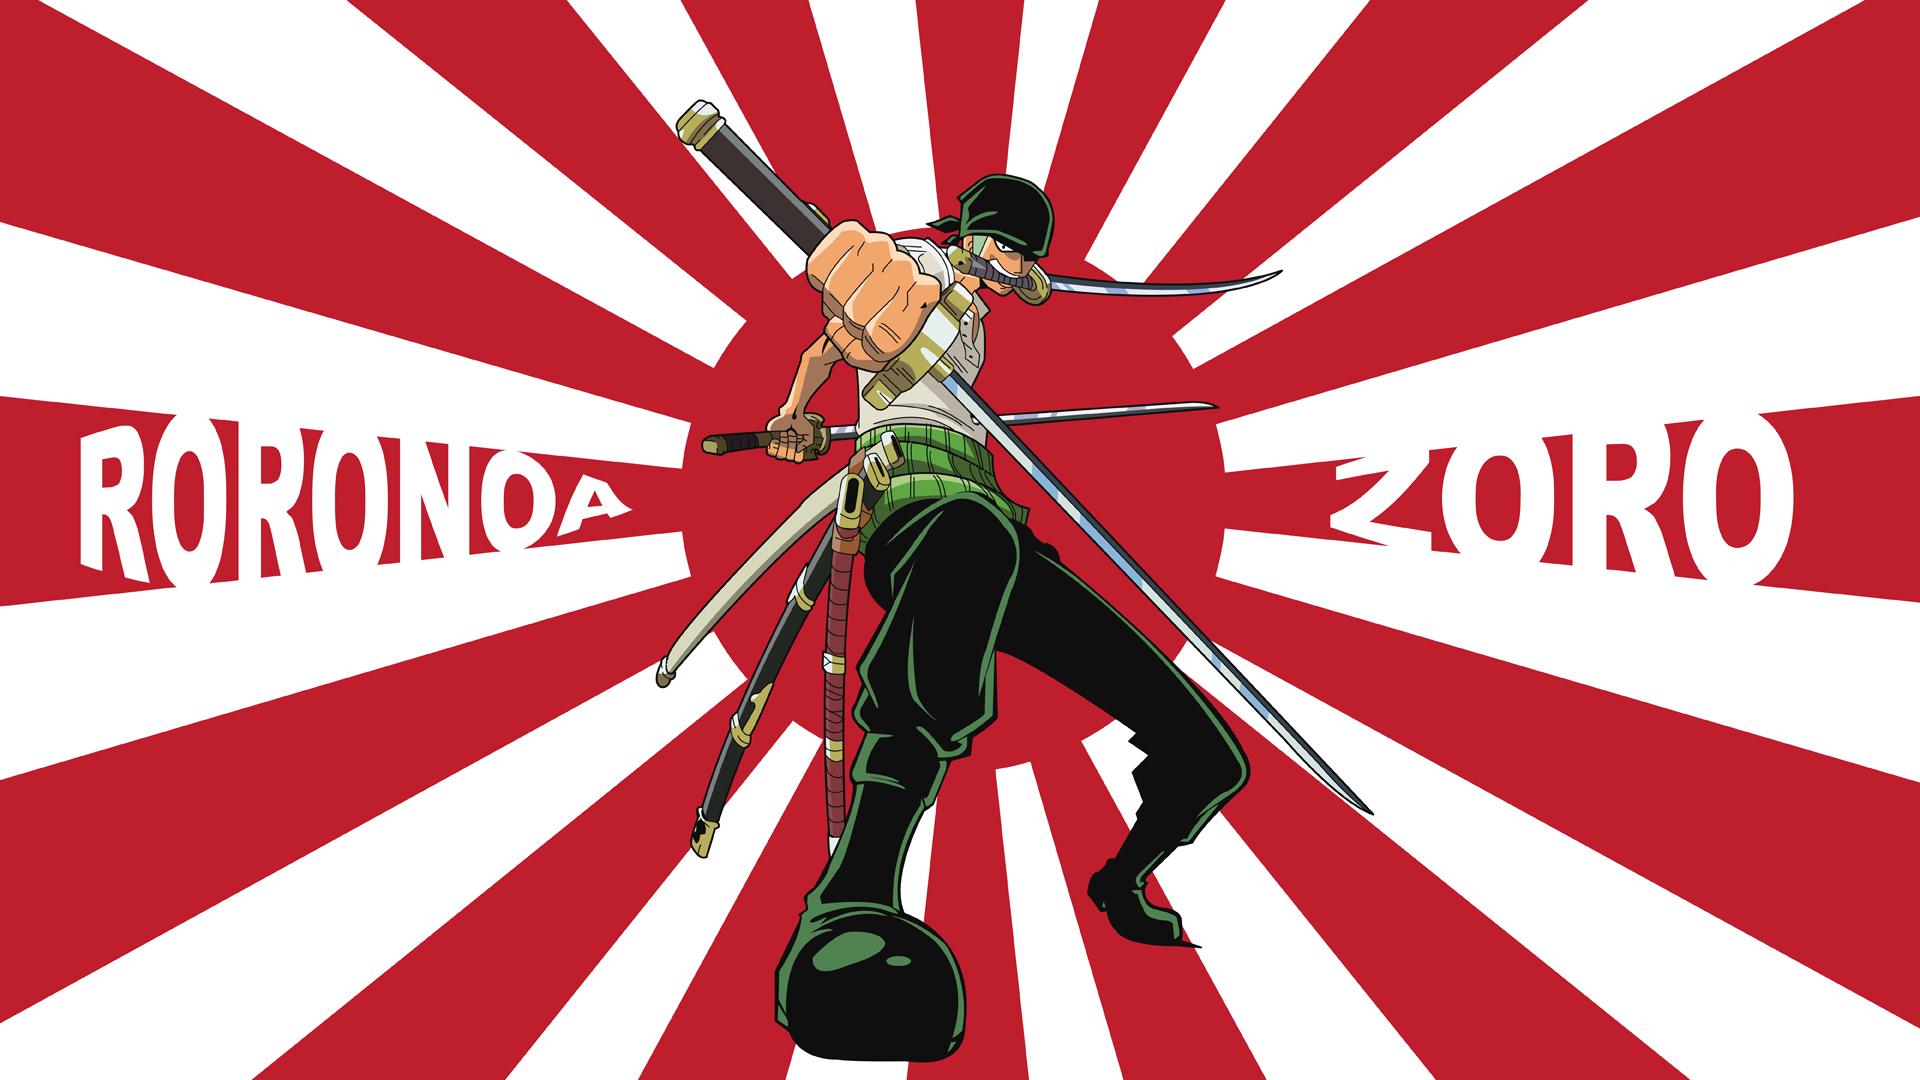 One Piece Zoro Wallpaper By Rifffyreblade On Deviantart